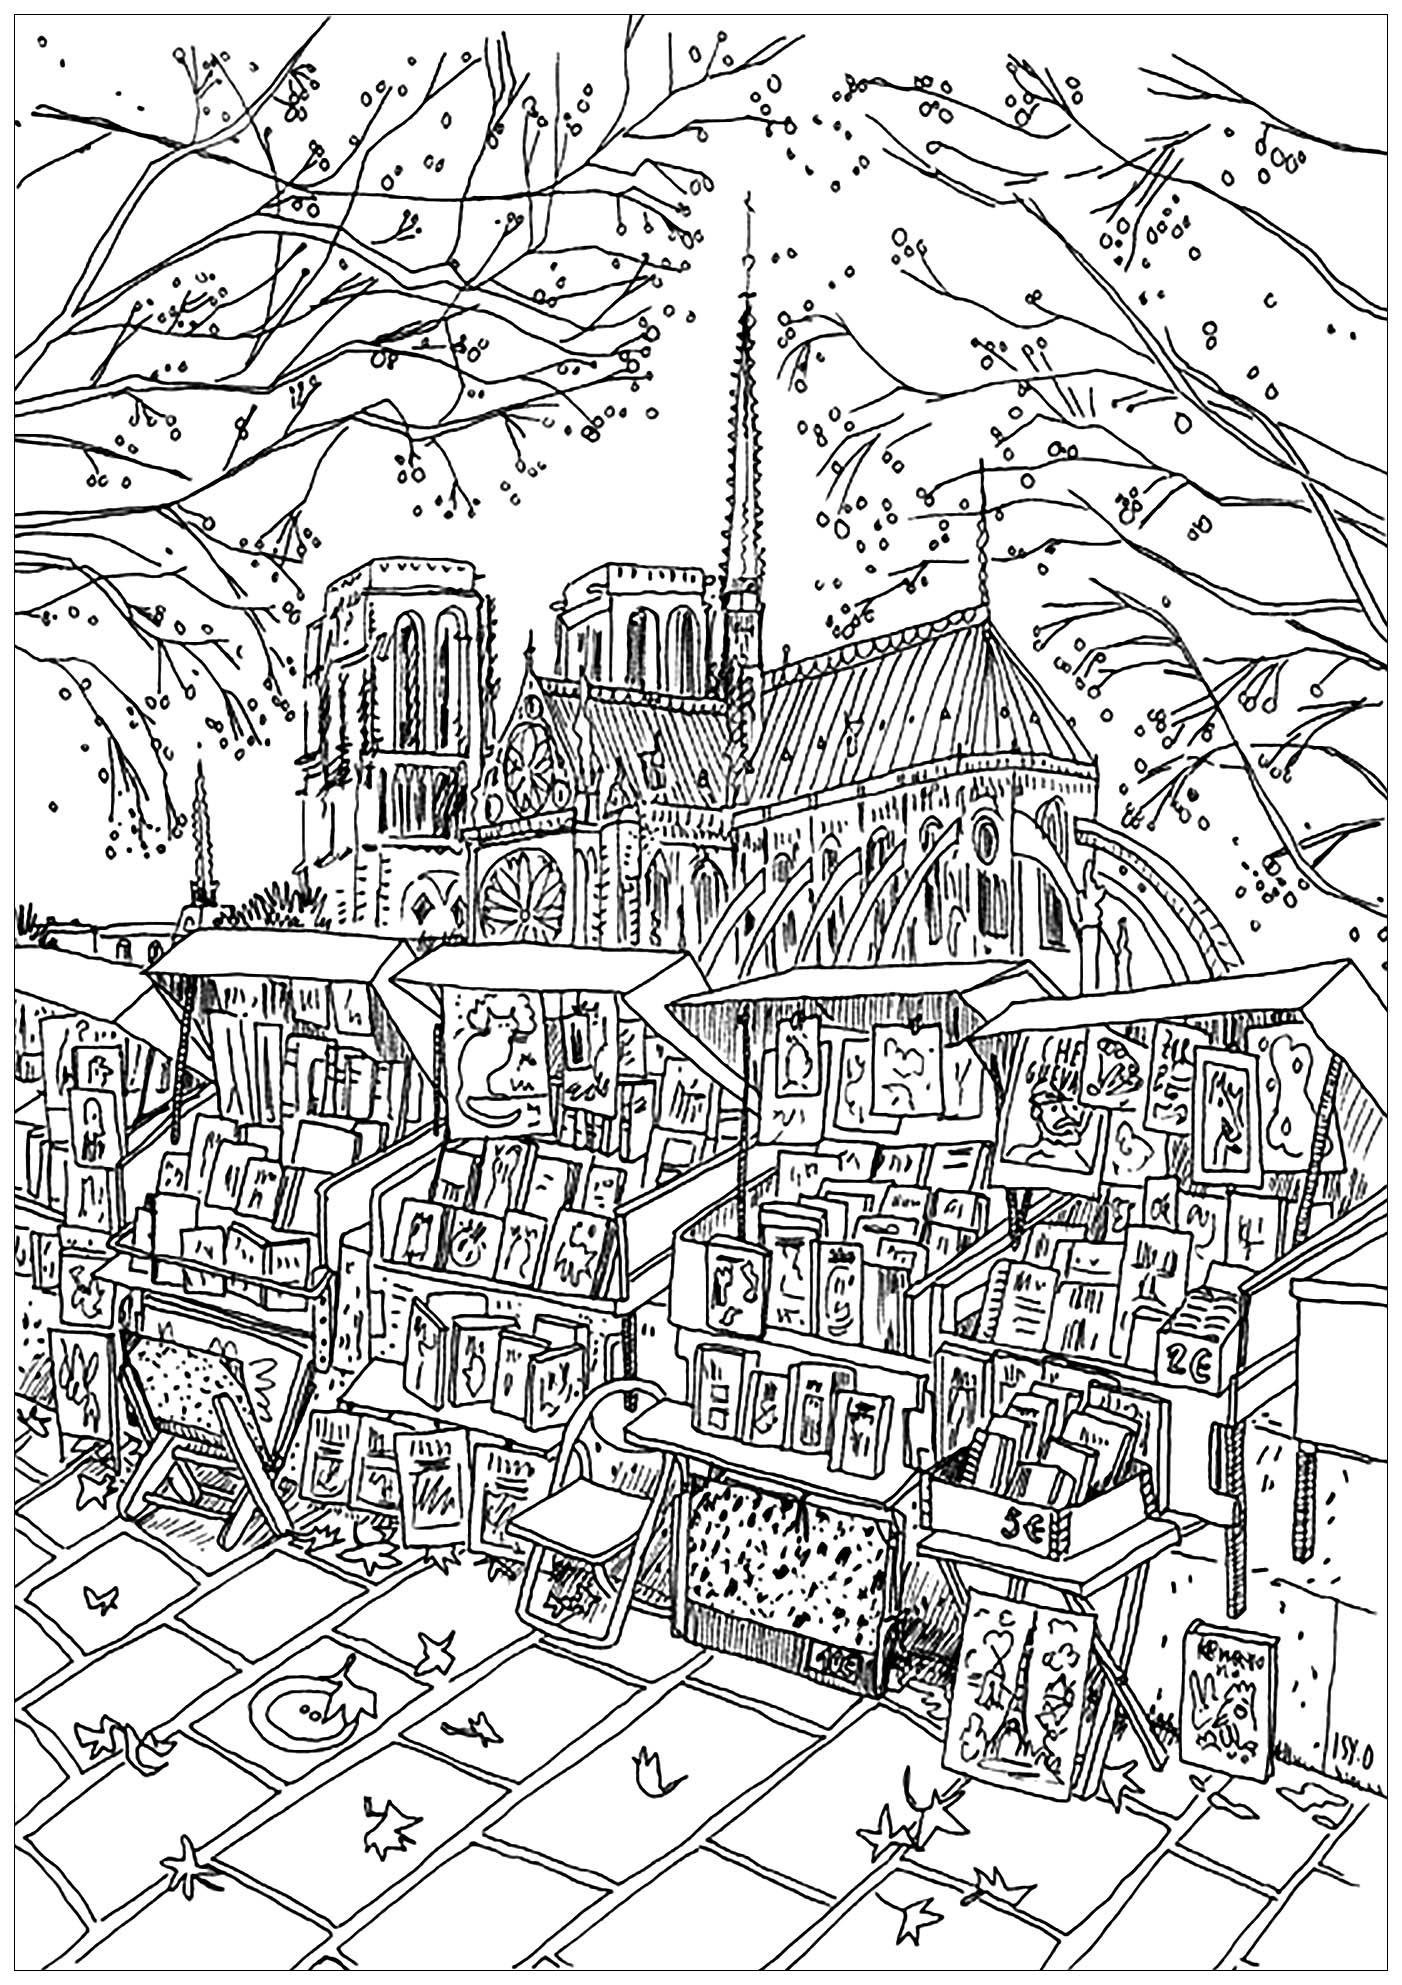 Dessin de Notre de Dame de Paris, avec une petite librairie ambulante en premier plan